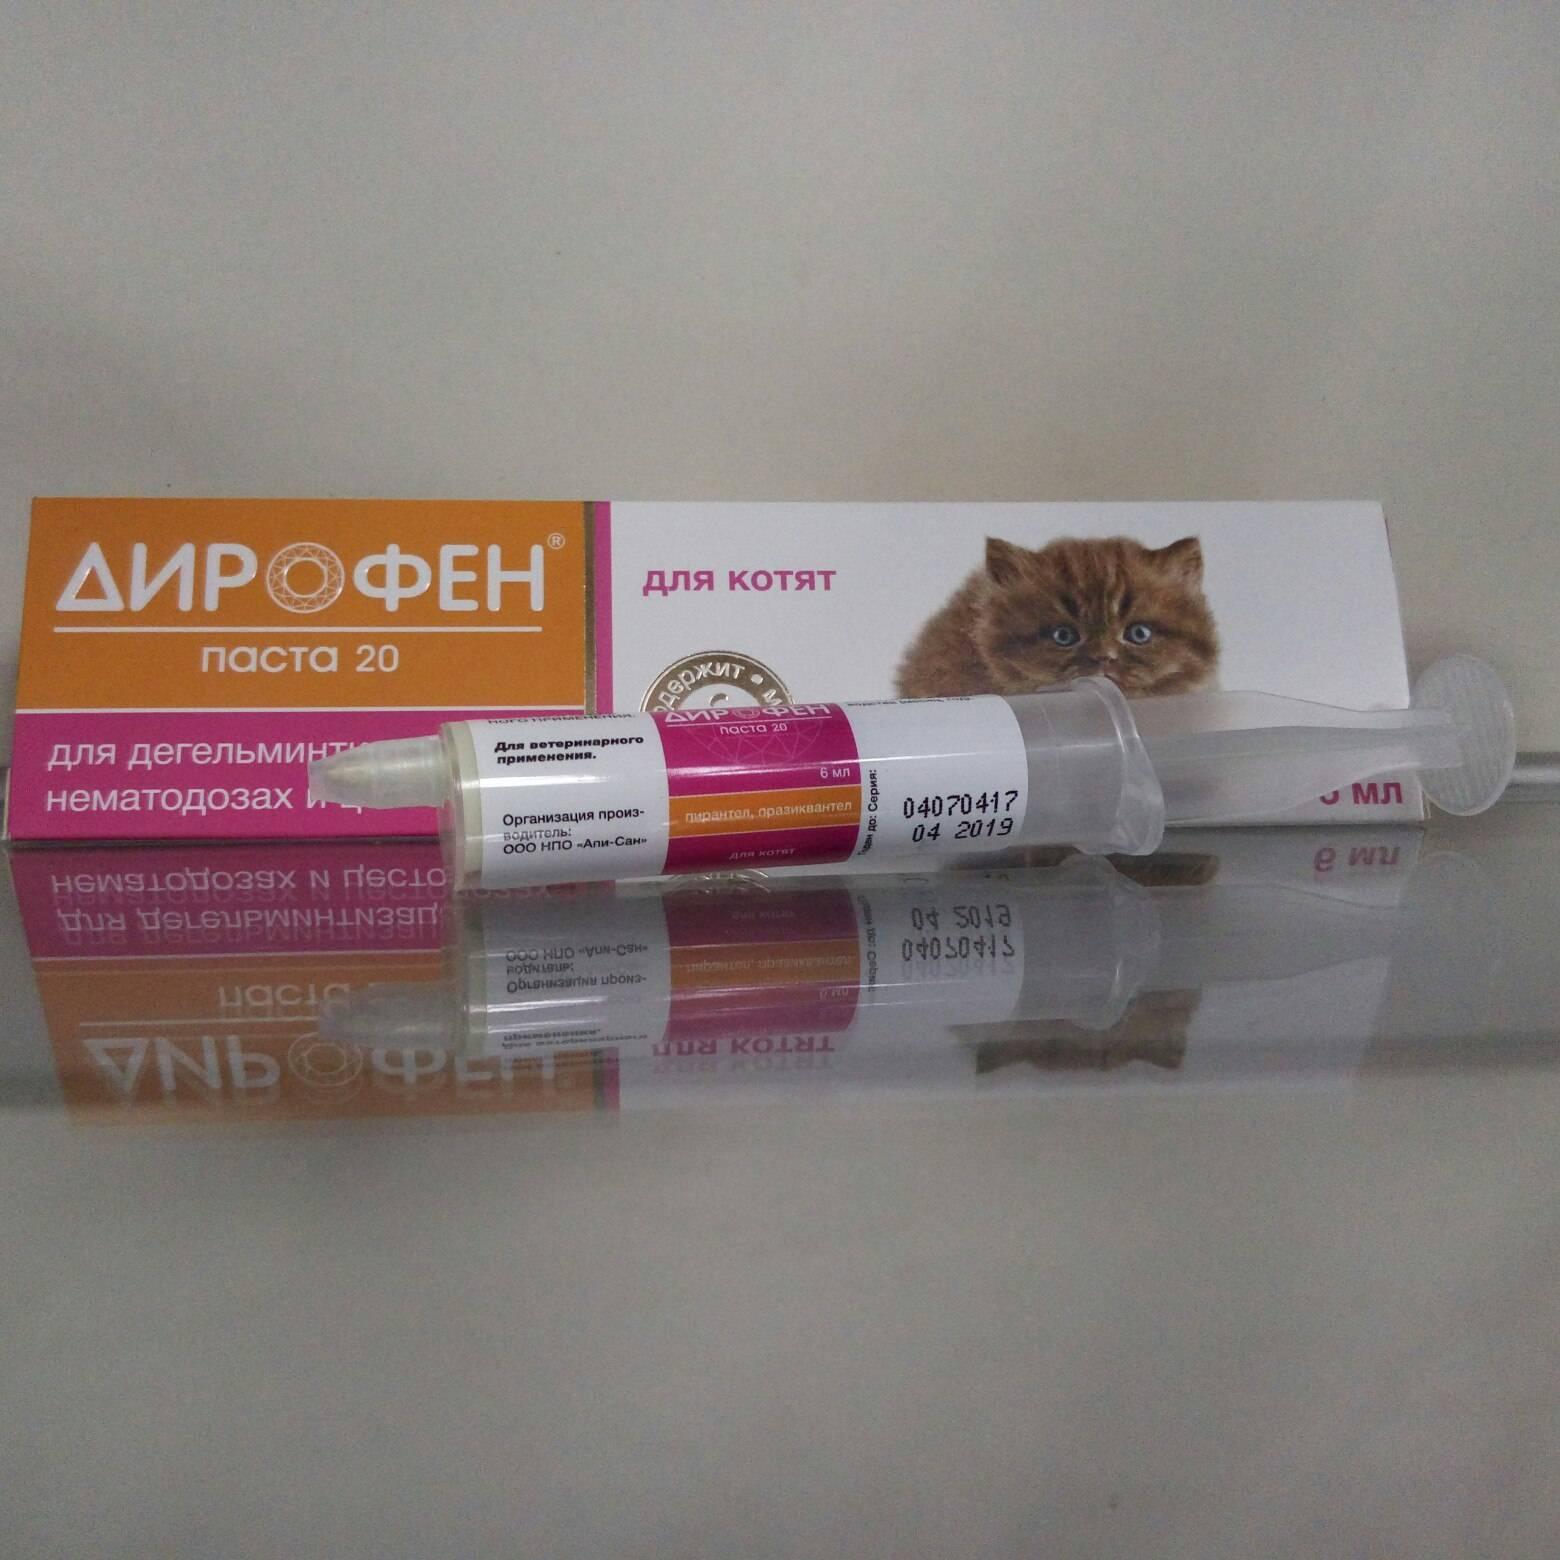 Профендер для кошек инструкция по применению и дозировка препарата